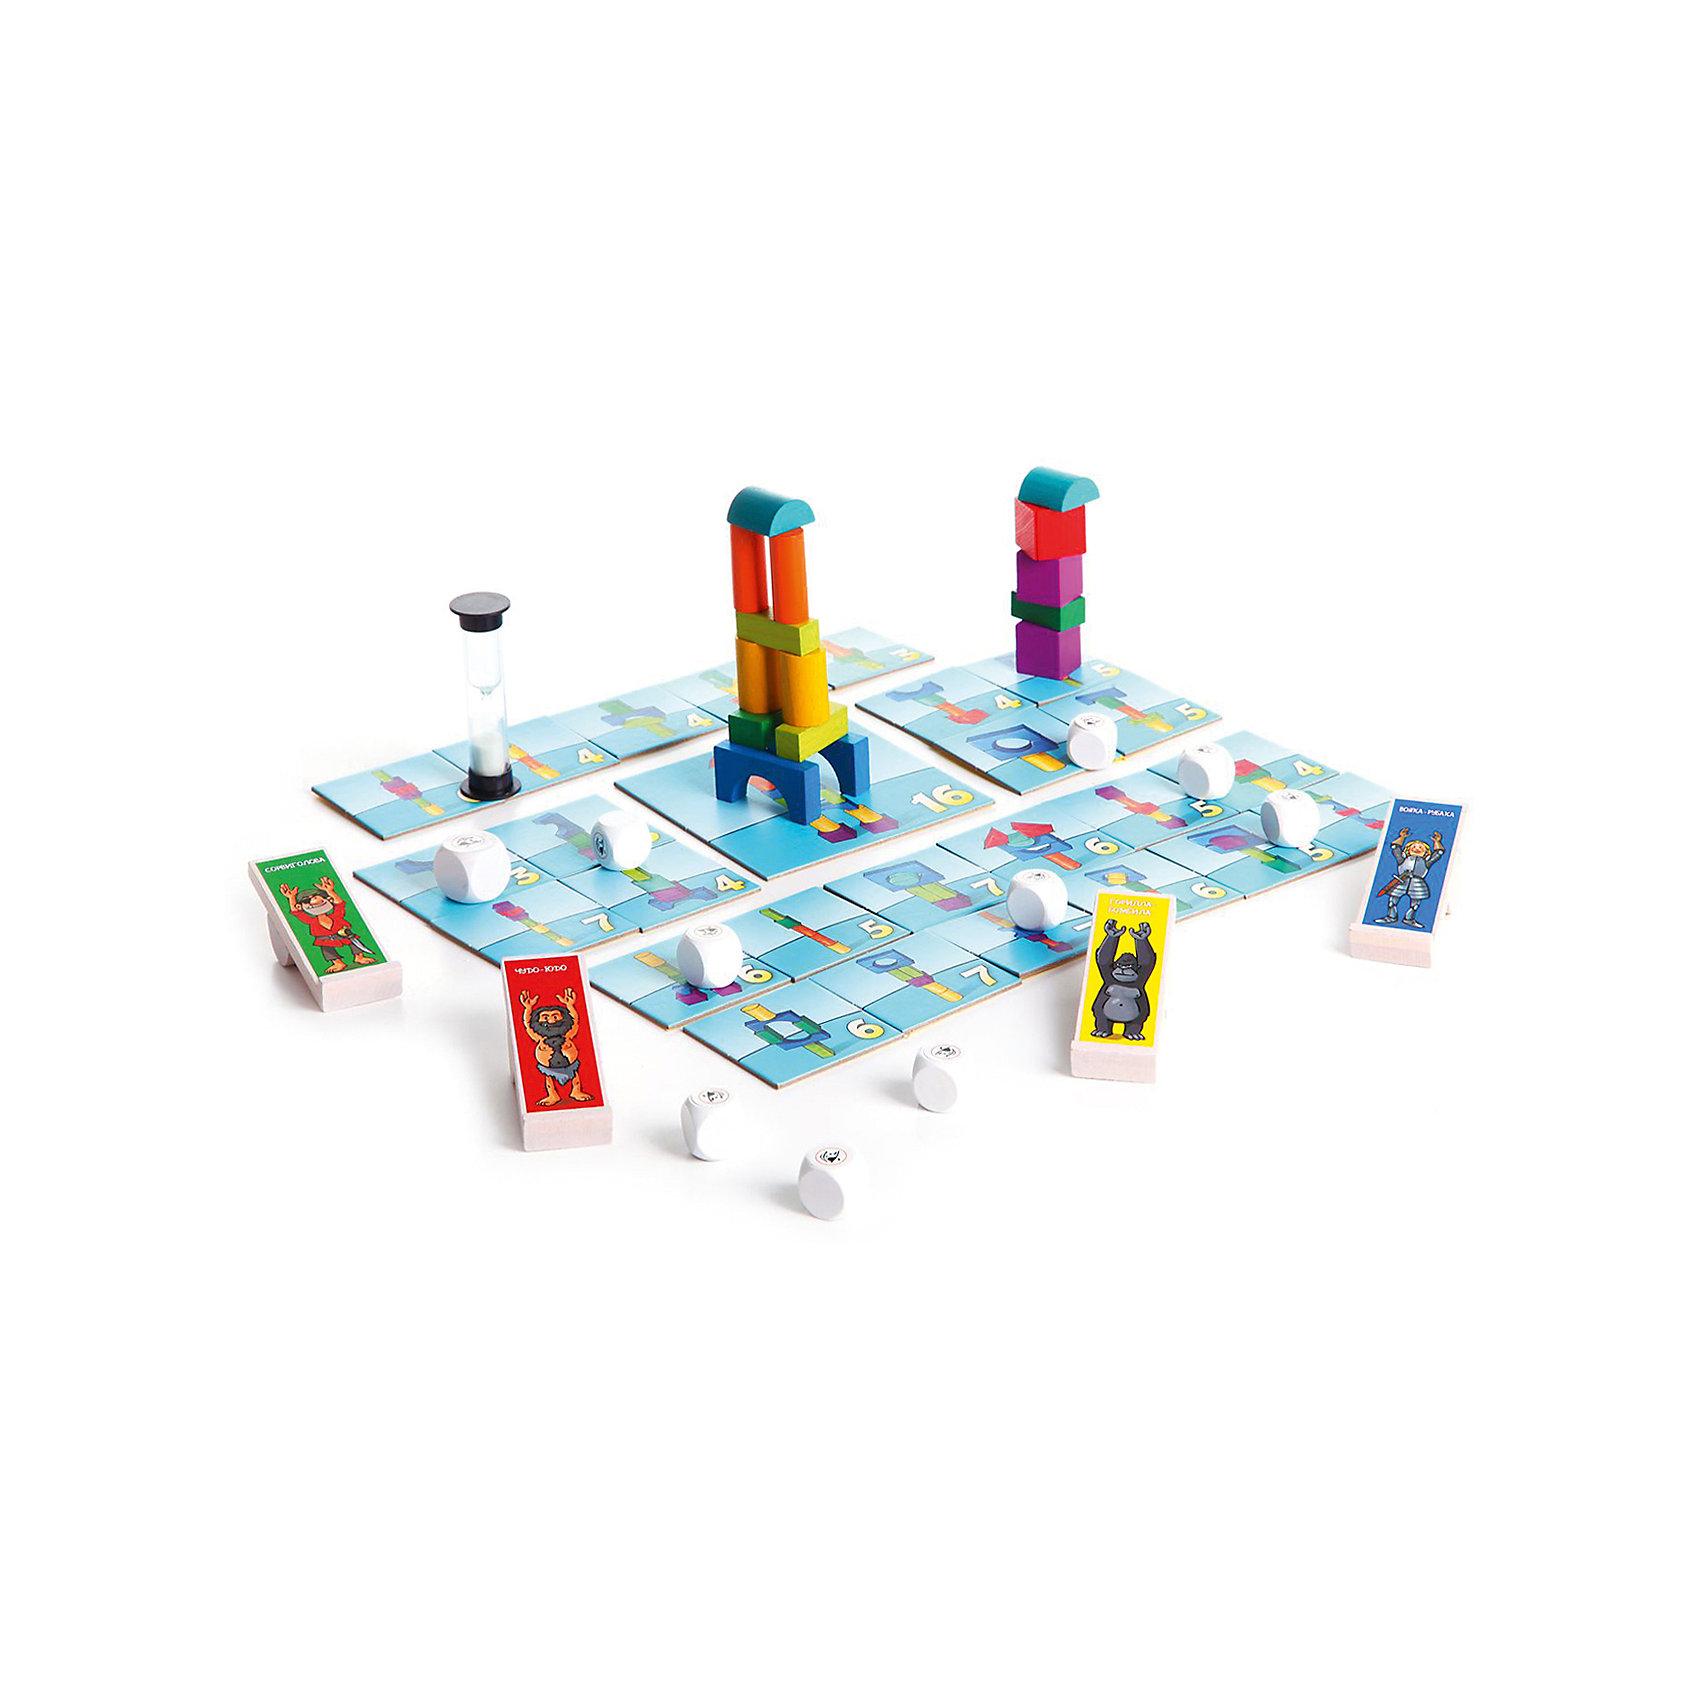 Настольная игра Вдребезги, BondibonИгры для развлечений<br>Настольная игра Вдребезги, Bondibon (Бондибон).<br><br>Характеристики:<br><br>• Возраст: от 6 лет<br>• Комплектация: 26 карточек с рисунками башен, 16 деталей башен, 10 кубиков-снарядов, 4 катапульты, песочные часы, наклейка, инструкция<br>• Количество игроков: от 2 до 5 человек<br>• Материал: пластик, картон, древесина<br>• Упаковка: картонная коробка<br>• Размер упаковки: 30x30x8 см.<br>• Вес: 1083 гр.<br><br>«Вдребезги» – это слово больше не пугает детей и не расстраивает взрослых, потому что речь идет не о маминой любимой вазе, а об увлекательной настольной игре для веселой детской компании. Играть в нее детям очень просто и необыкновенно интересно. Один из игроков – строитель, остальные – разрушители. <br><br>Строитель должен за определенное время построить из деревянных деталей как можно больше башен. А задача остальных игроков – разрушить башни с помощью катапульт и кубиков-снарядов. За каждую уцелевшую башню строитель в конце раунда получает очки, кто первым наберет победное количество очков – тот и выиграл. <br><br>Эта веселая динамичная игра – прекрасный тренажер для развития внимания, глазомера и быстроты реакции. И, конечно же, отличная возможность получить заряд позитива в компании друзей!<br><br>Настольную игру Вдребезги, Bondibon (Бондибон) можно купить в нашем интернет-магазине.<br><br>Ширина мм: 295<br>Глубина мм: 70<br>Высота мм: 295<br>Вес г: 1083<br>Возраст от месяцев: 72<br>Возраст до месяцев: 144<br>Пол: Унисекс<br>Возраст: Детский<br>SKU: 5451758